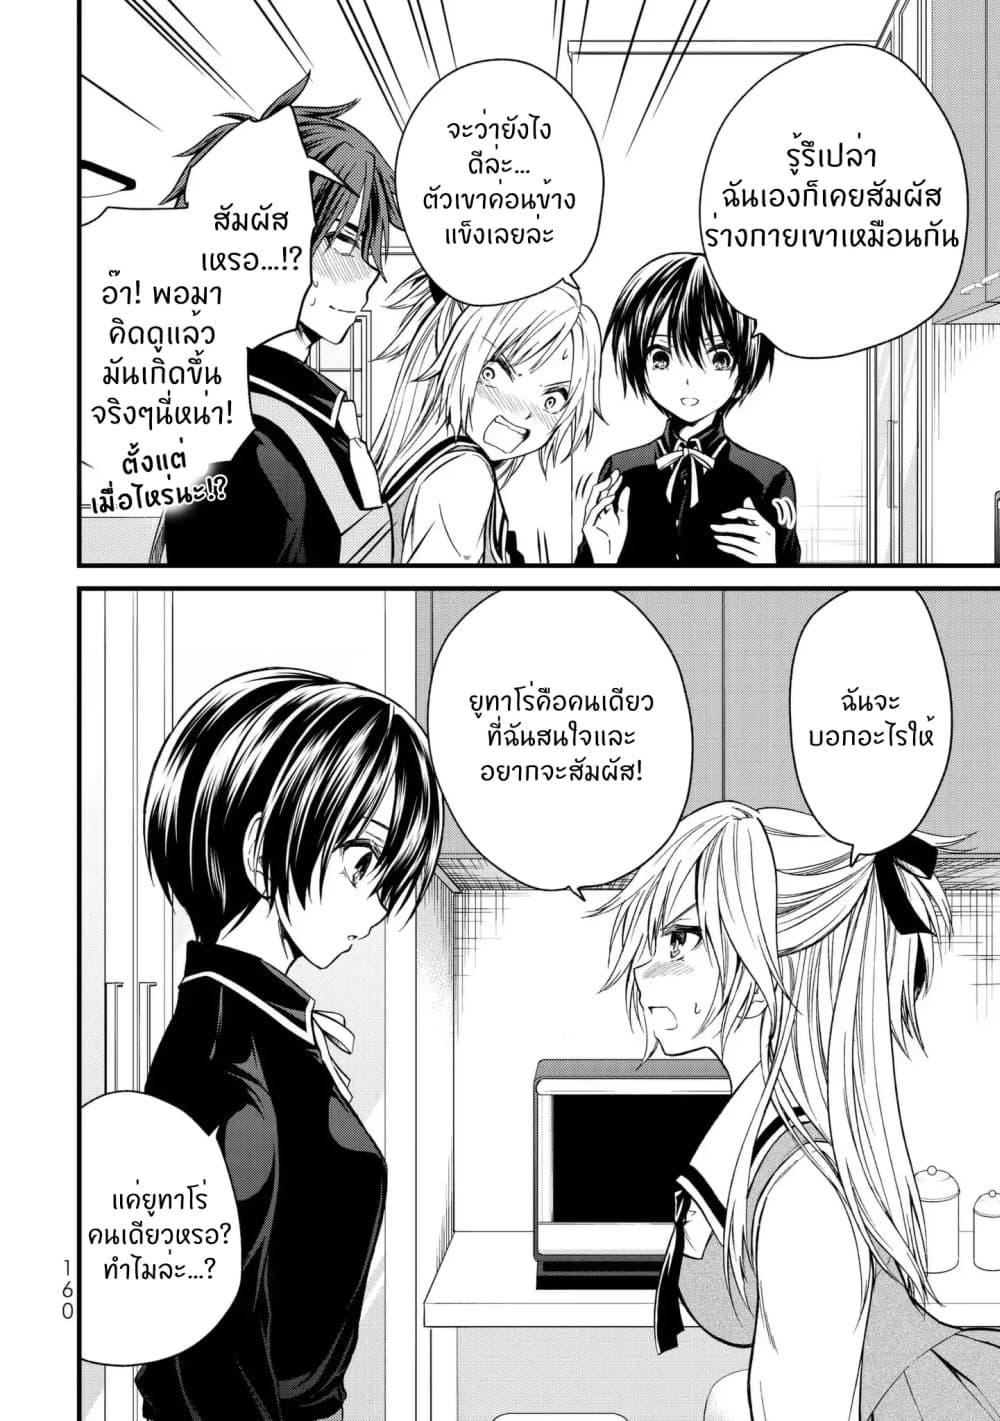 อ่านการ์ตูน Ojousama no Shimobe ตอนที่ 18 หน้าที่ 17